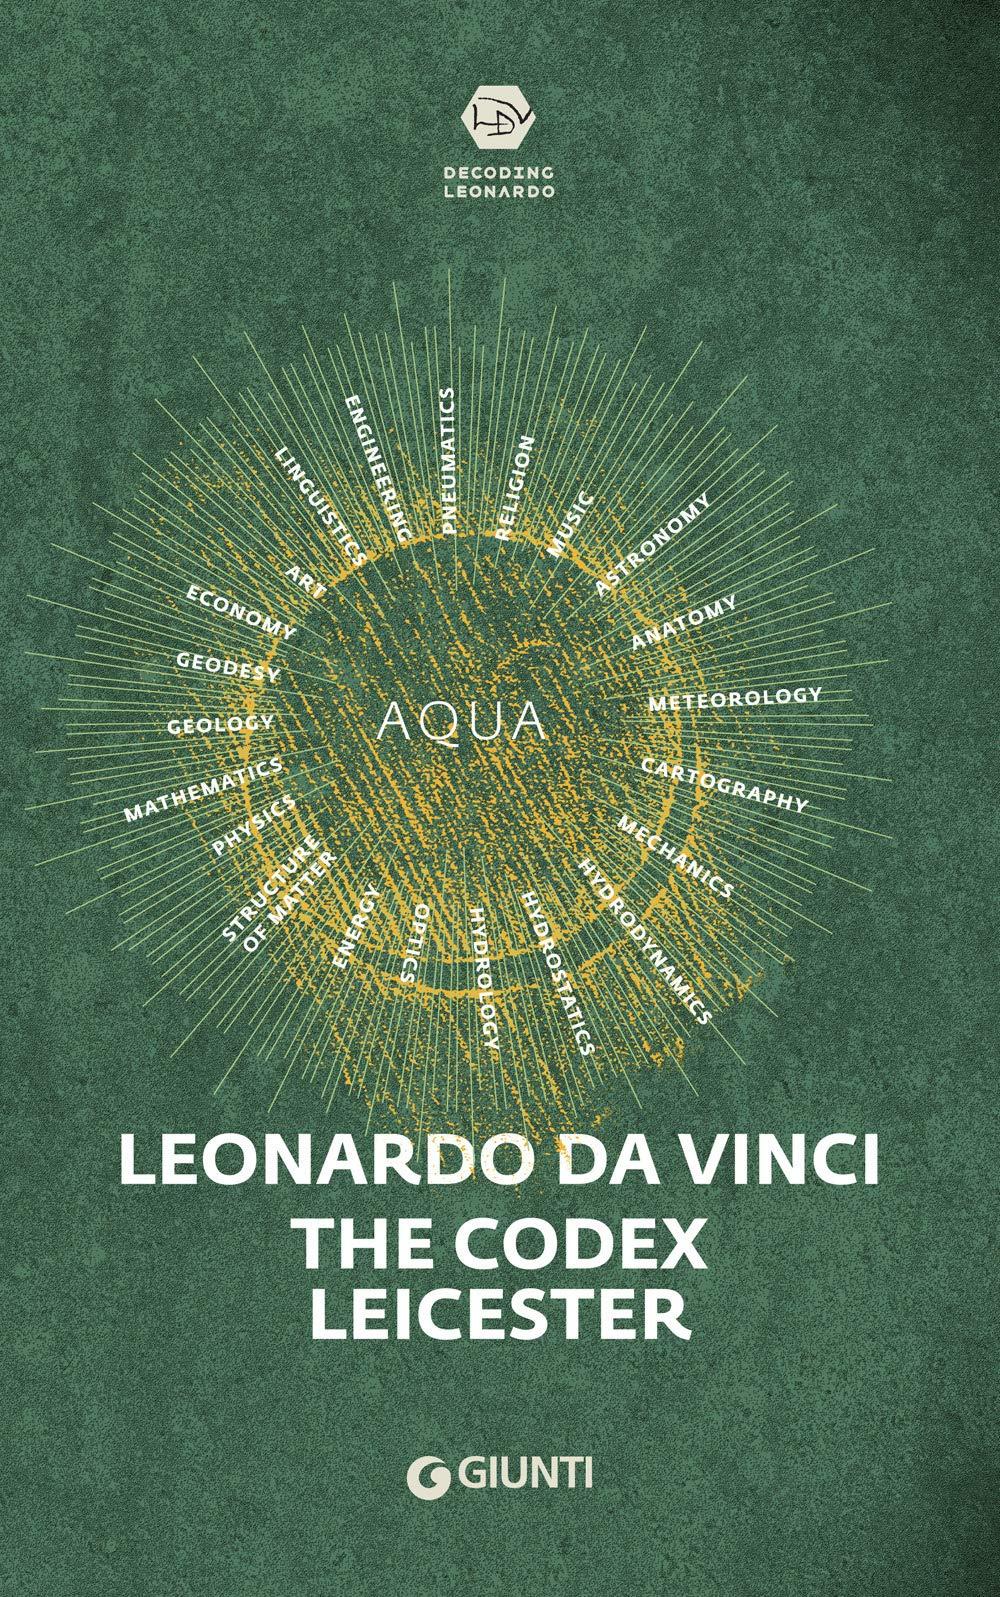 Leonardo Da Vinci Il Codice Leicester Laurenza Domenico 9788809873513 Amazon Com Books